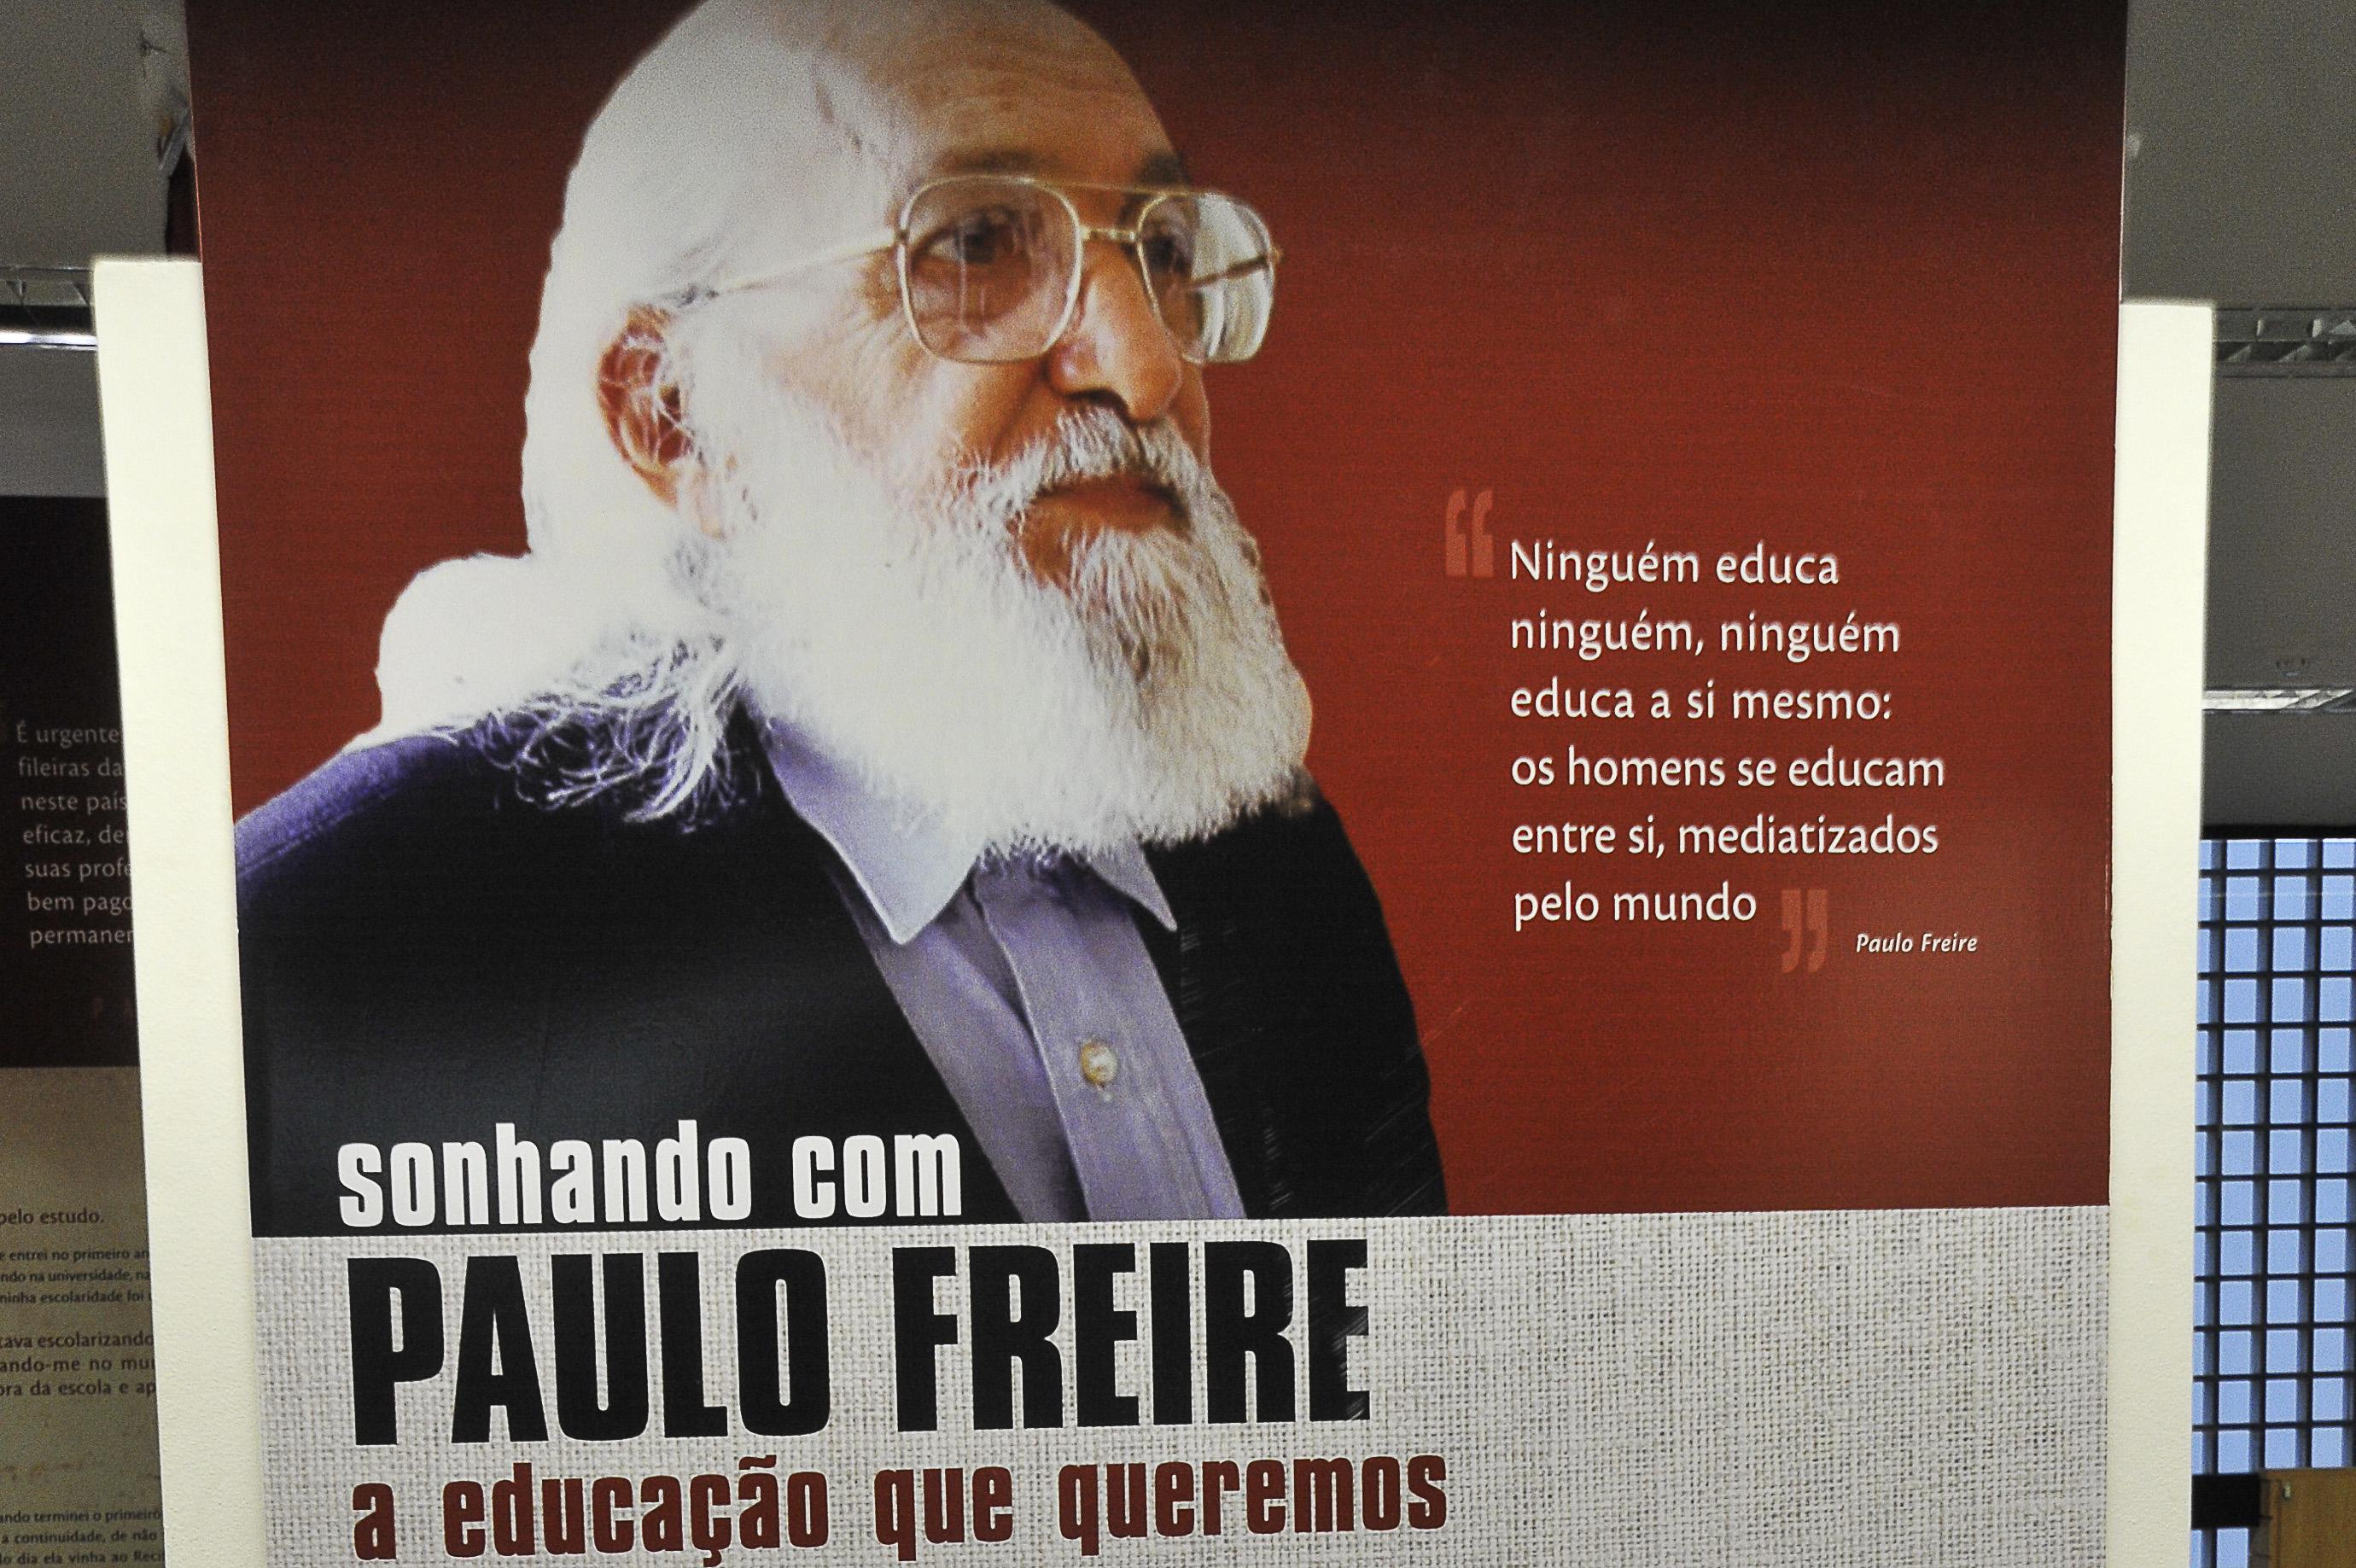 14 De Abril De 1964 Não A Paulo Freire Olhar Do Campus